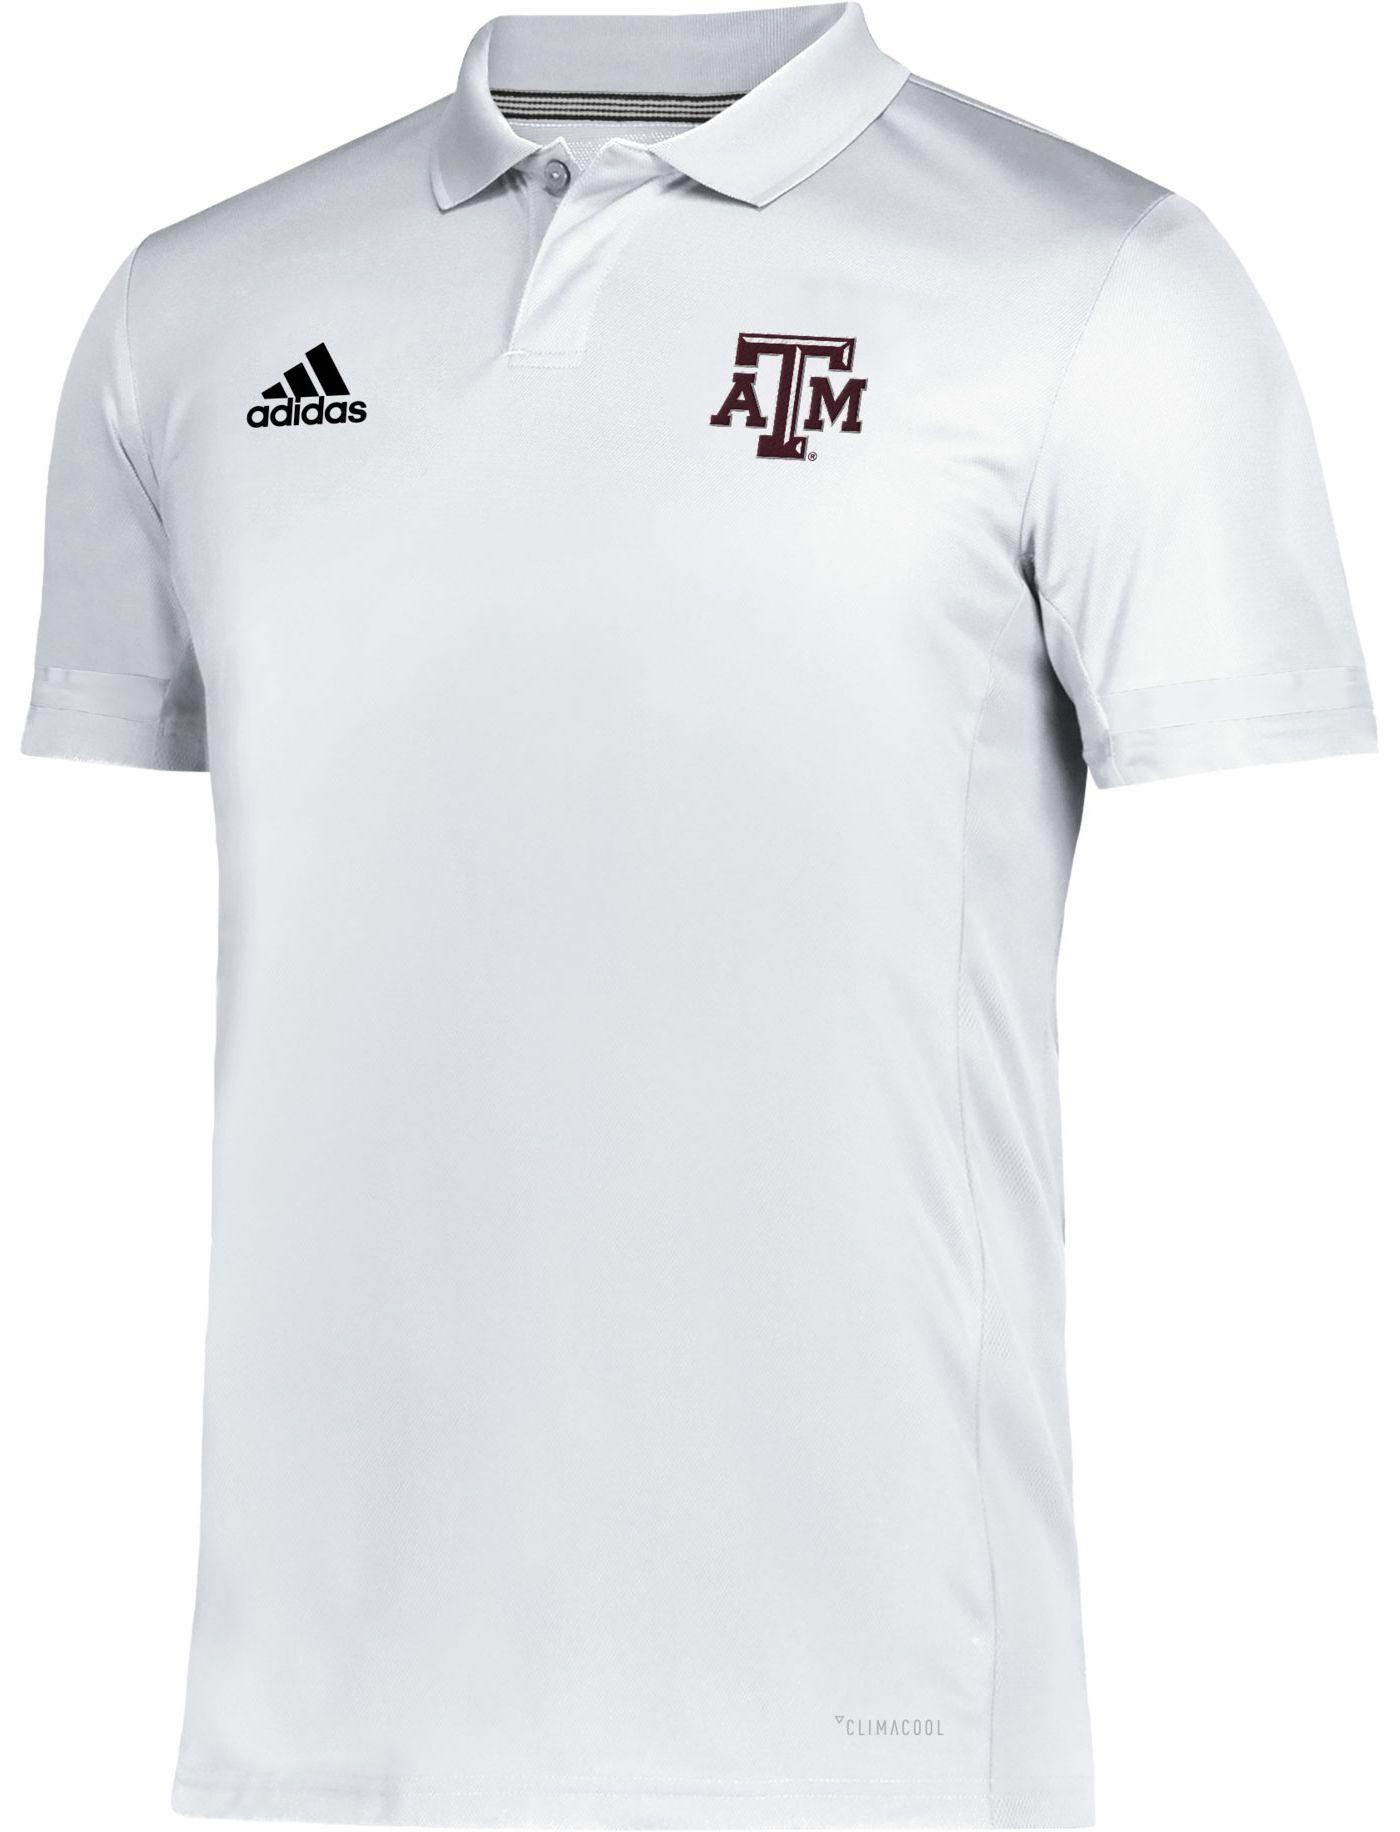 adidas Men's Texas A&M Aggies Team 19 Sideline Football White Polo